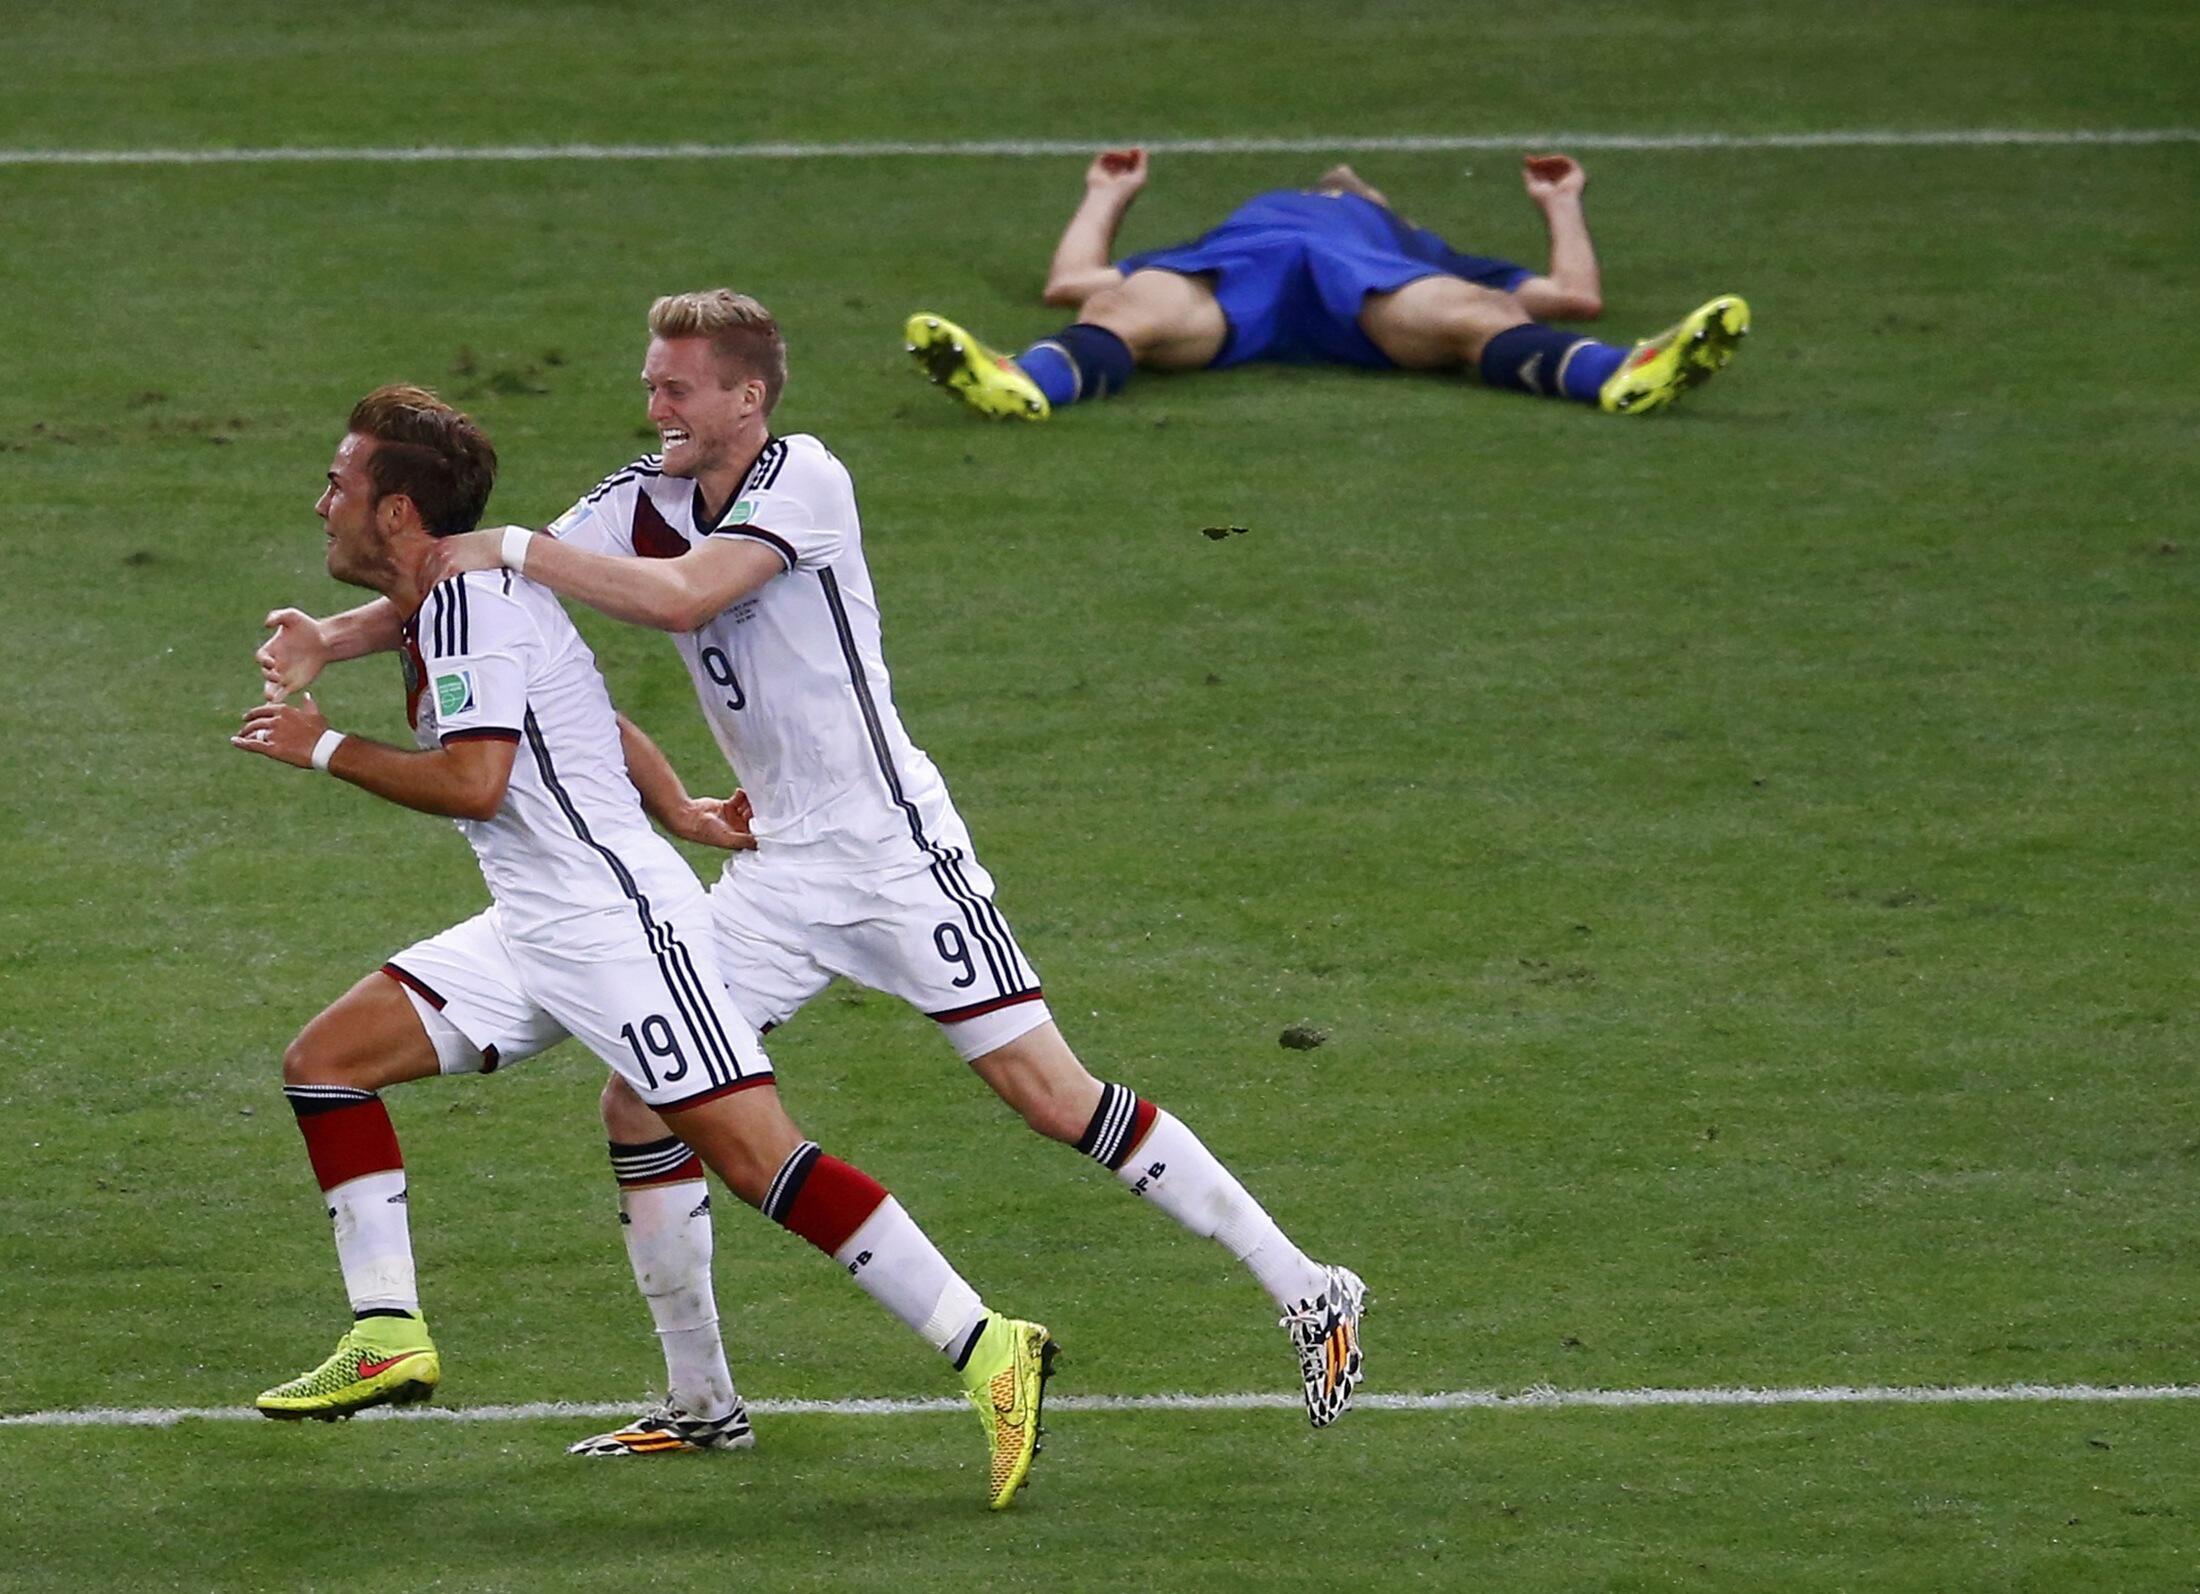 Les jeunes allemands Mario Götze (à gauche) et André Schürrle ont fait craquer des Argentins à terre.